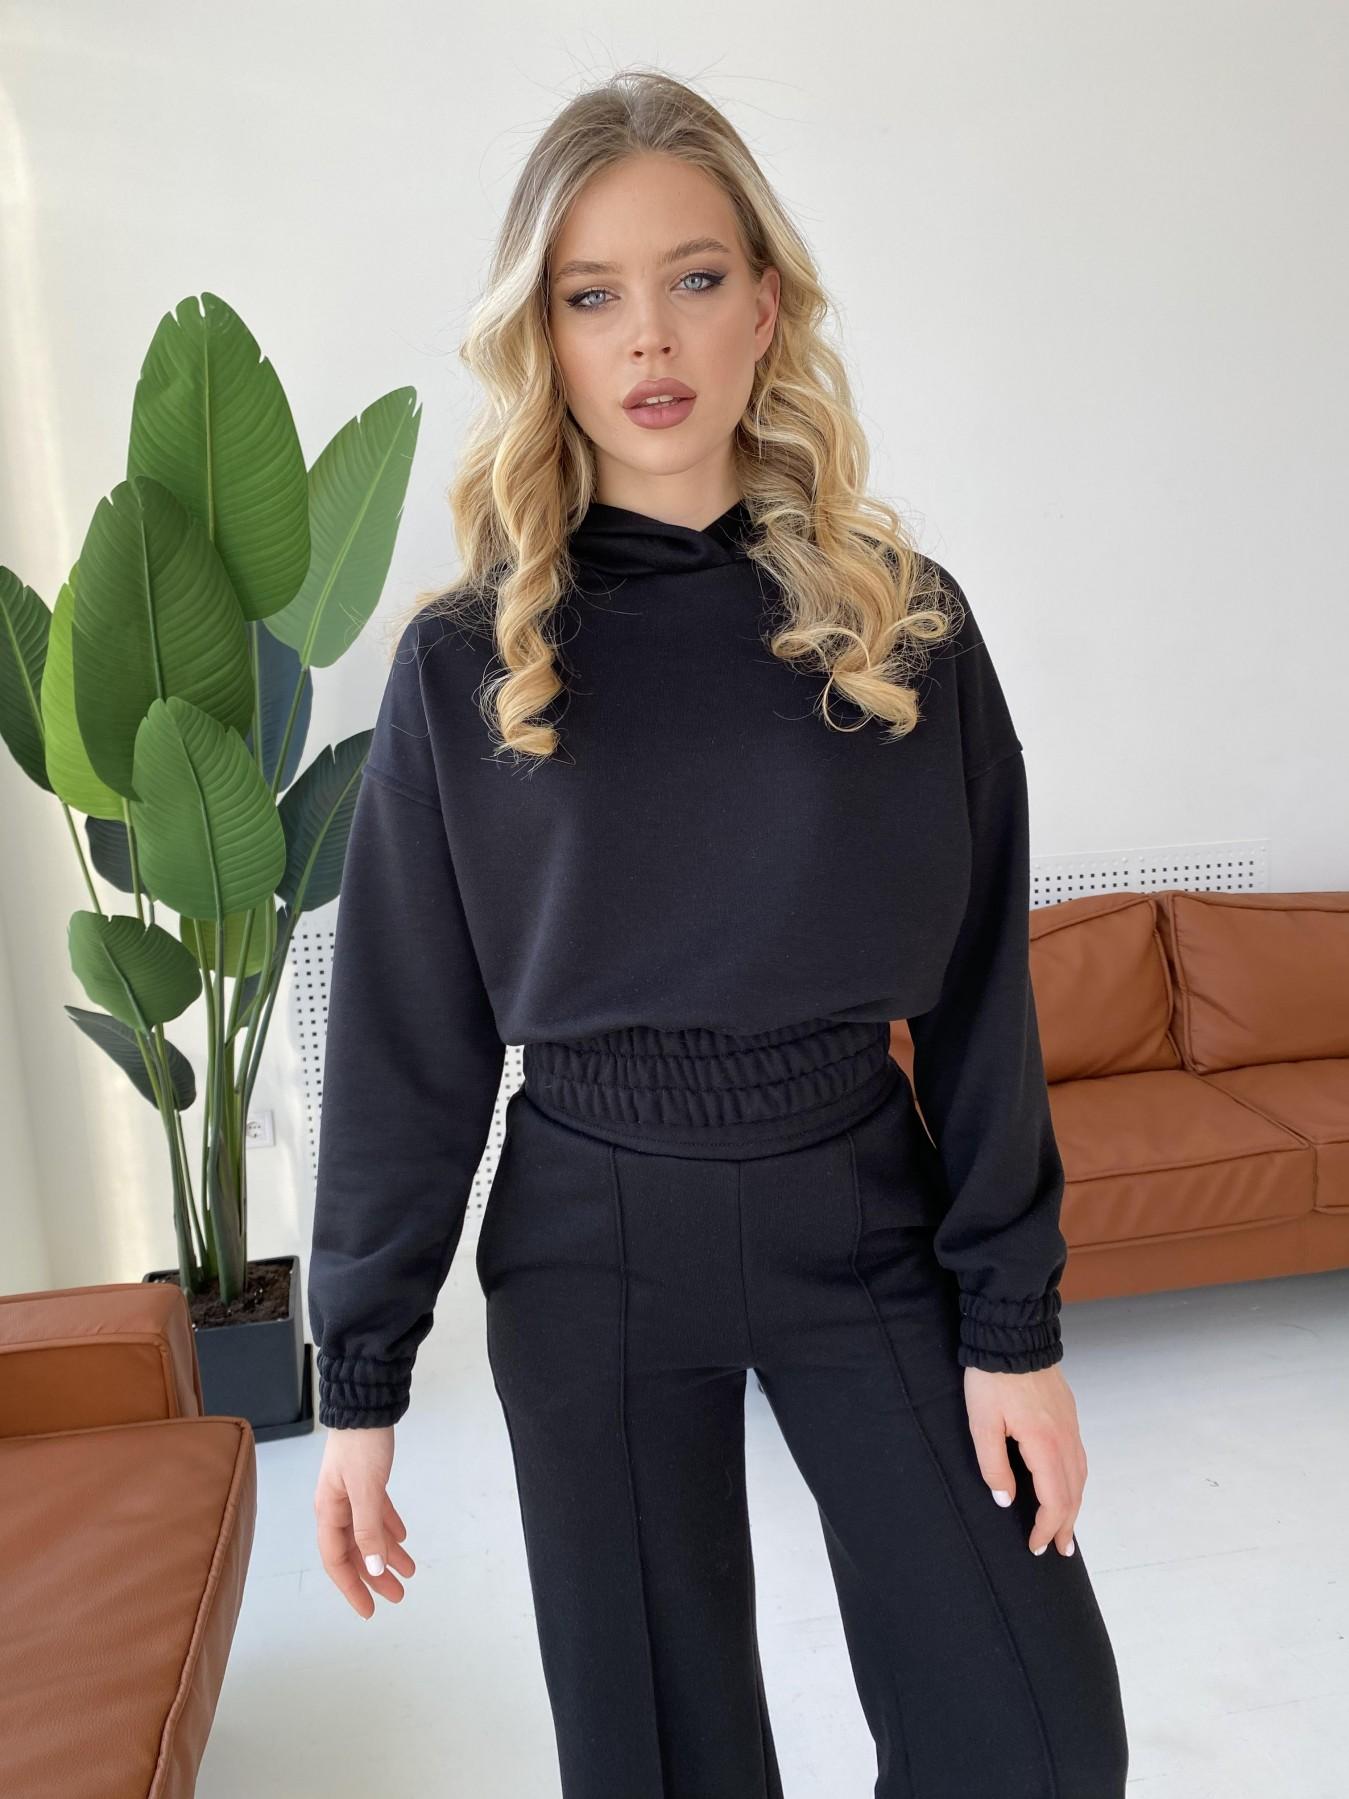 Бейби  прогулочный костюм из 3х нитки 10812 АРТ. 47281 Цвет: Черный - фото 1, интернет магазин tm-modus.ru